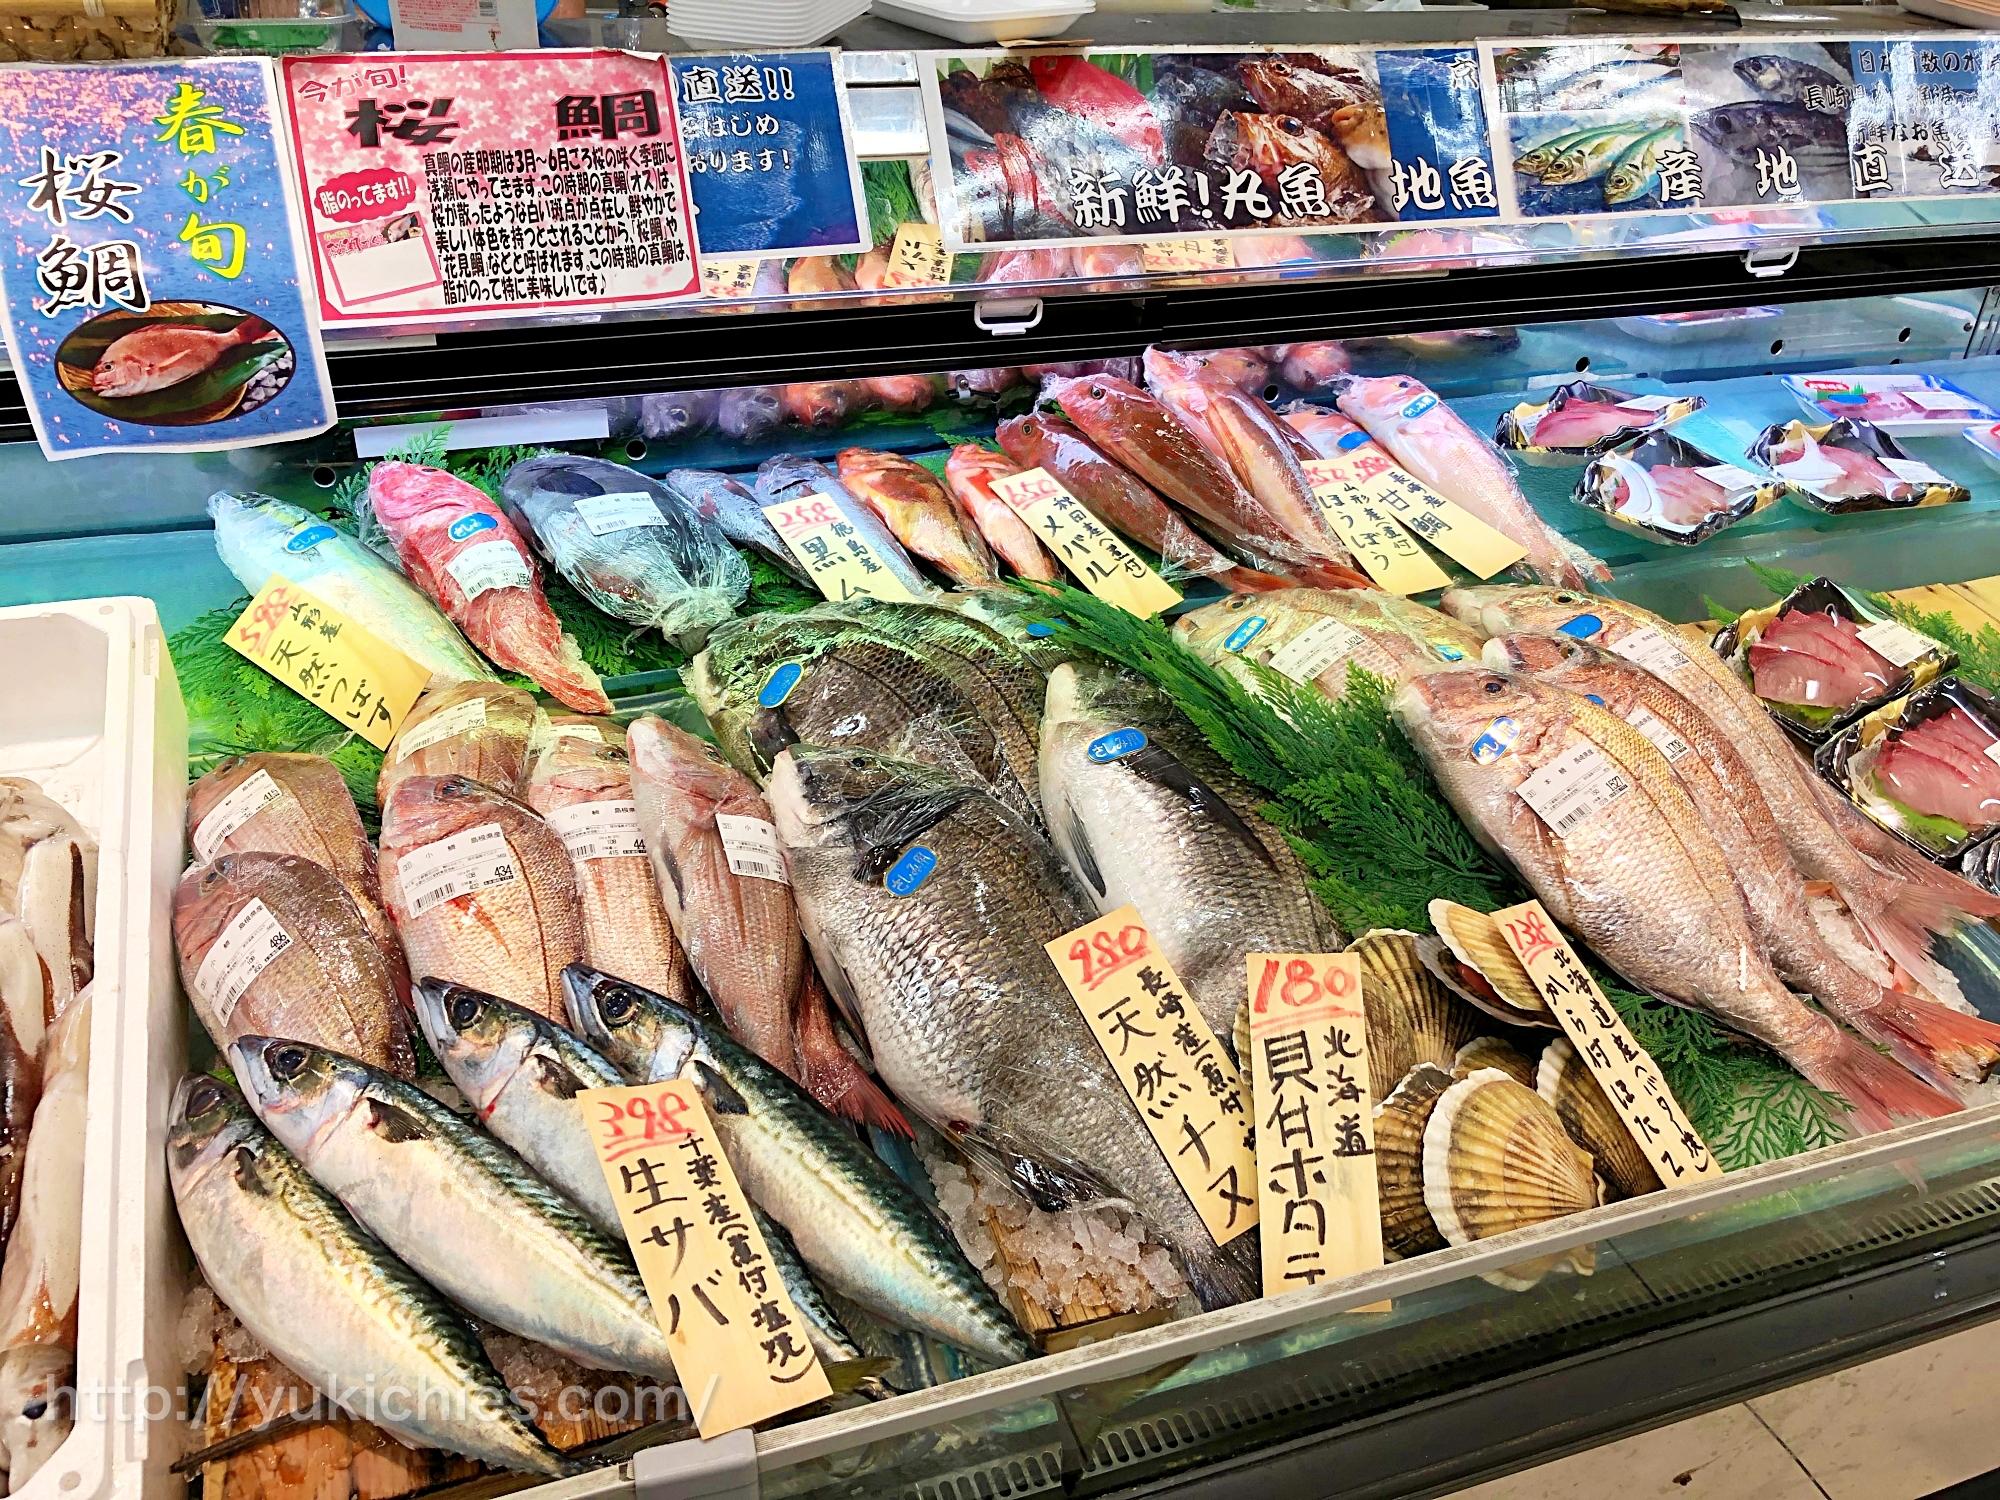 スーパーの魚屋さん 生サバ・鯛・天然つばす・黒ムツ・メバル・ほうぼう・甘鯛・天然チヌ・貝柱ホタテ・殻付きホタテ・ブリのお刺身